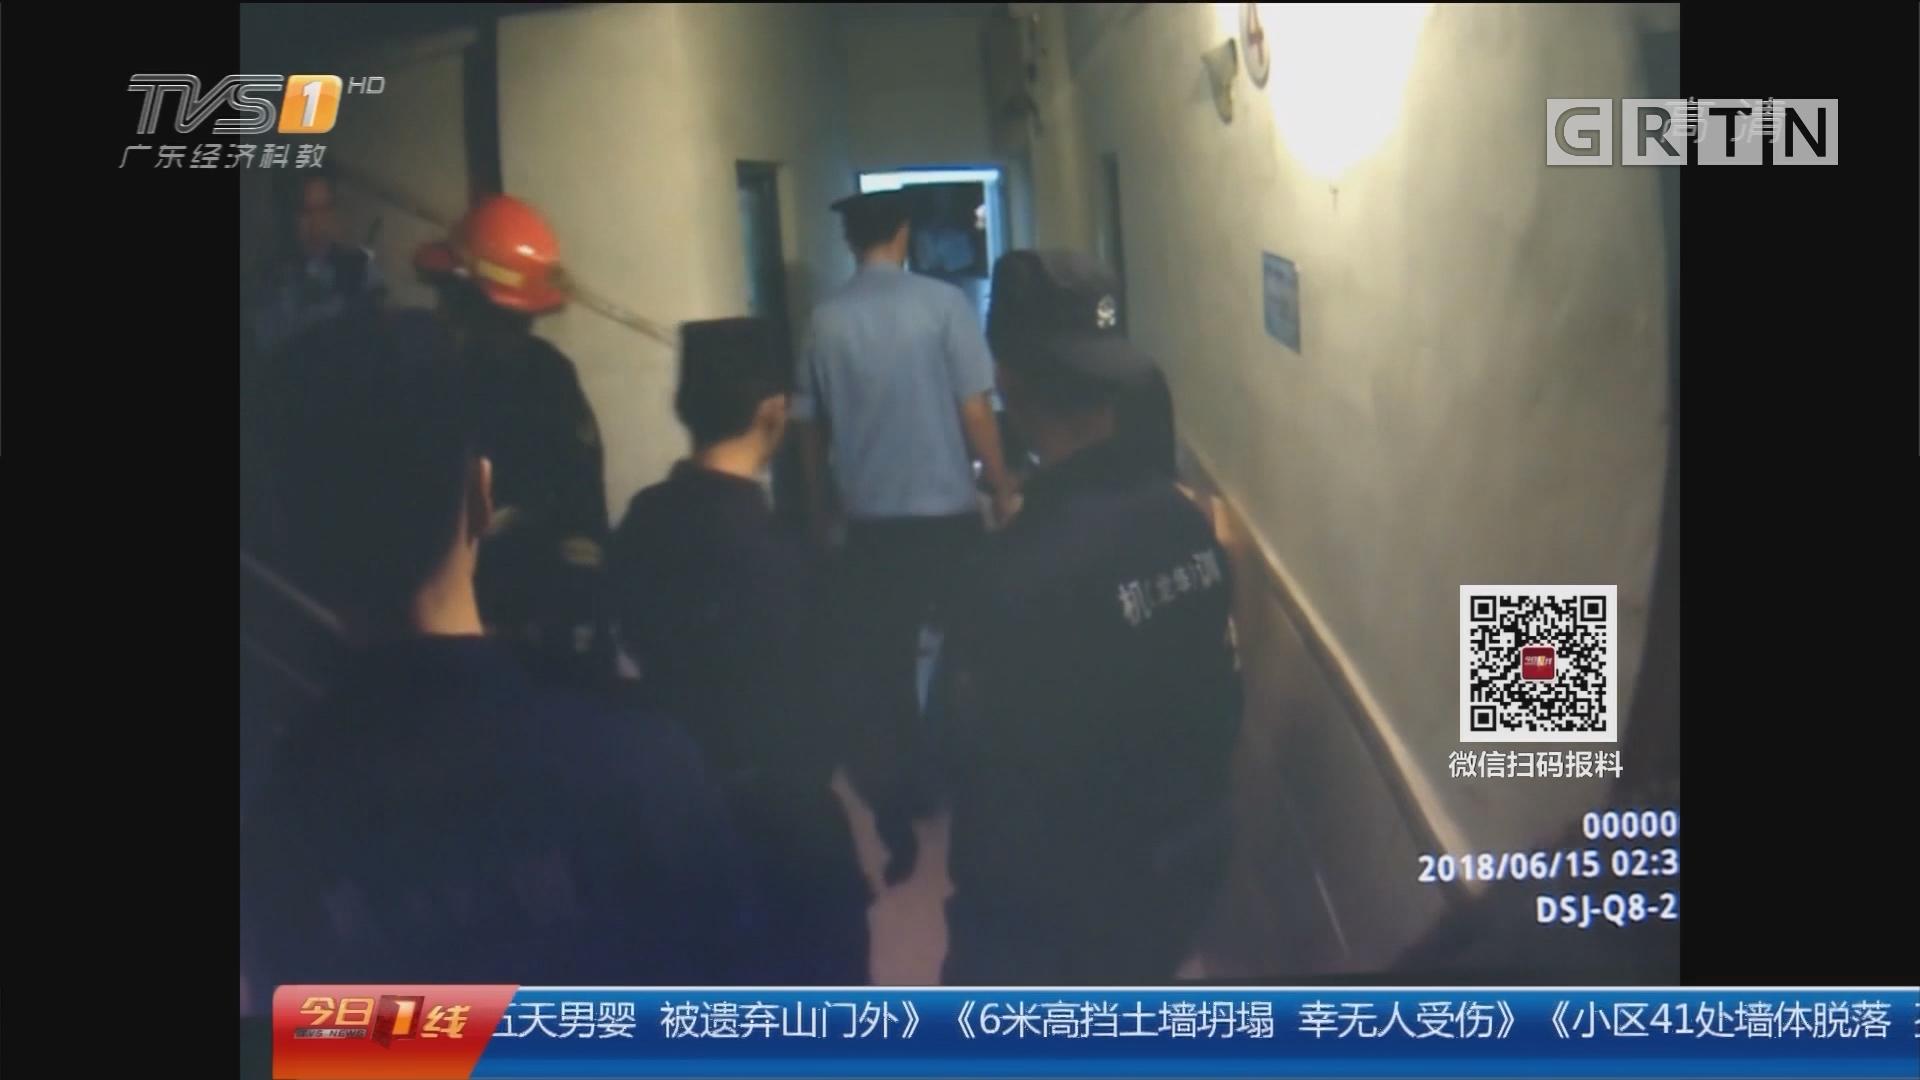 深圳:男子抱煤气罐欲点火 警方及时处置